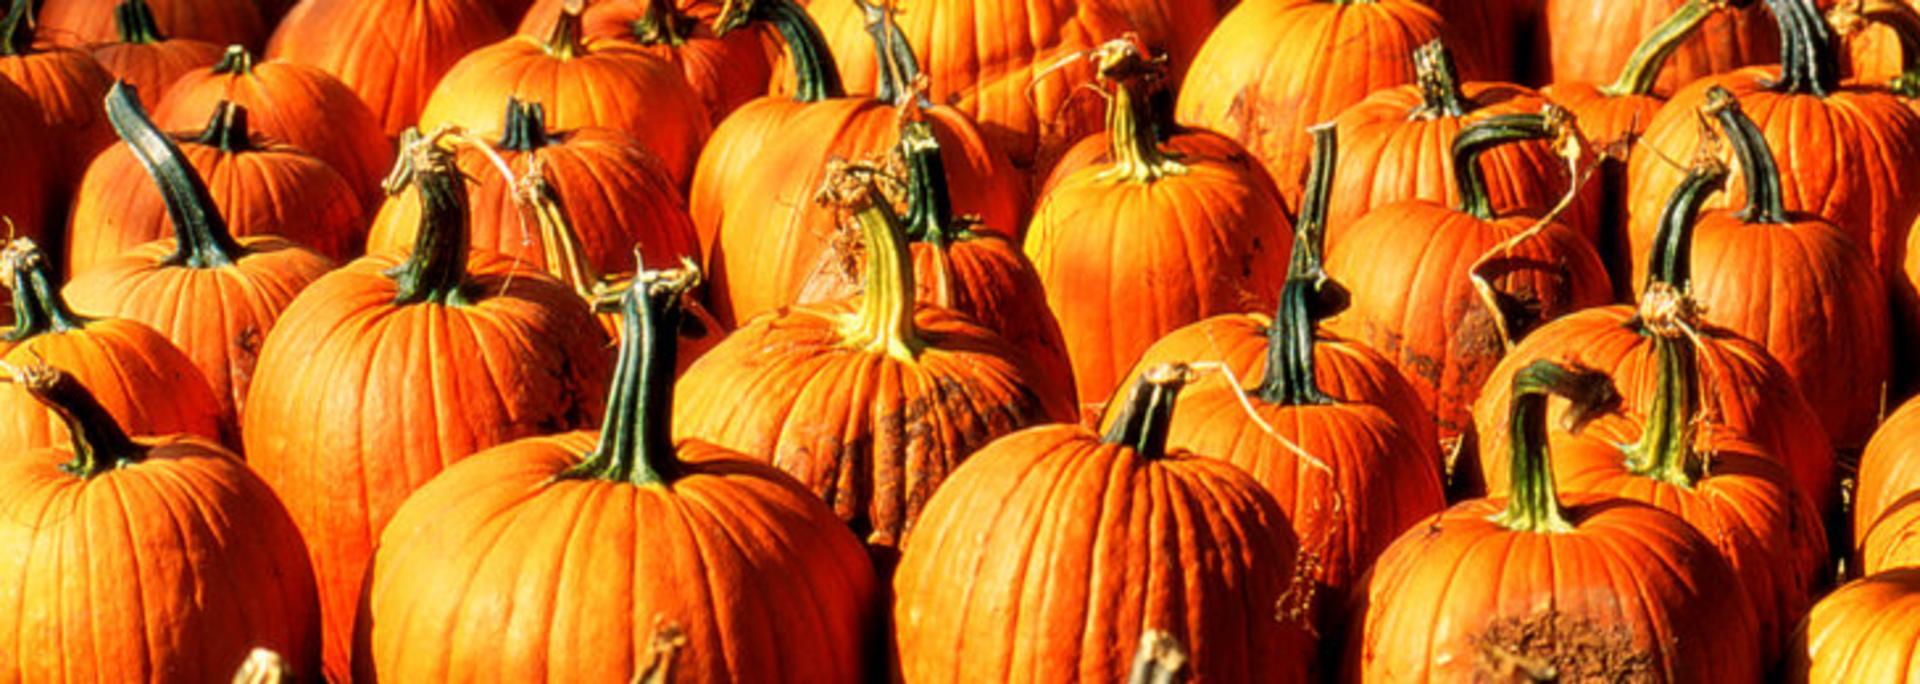 Pumpkins Fall Carter's Mountain